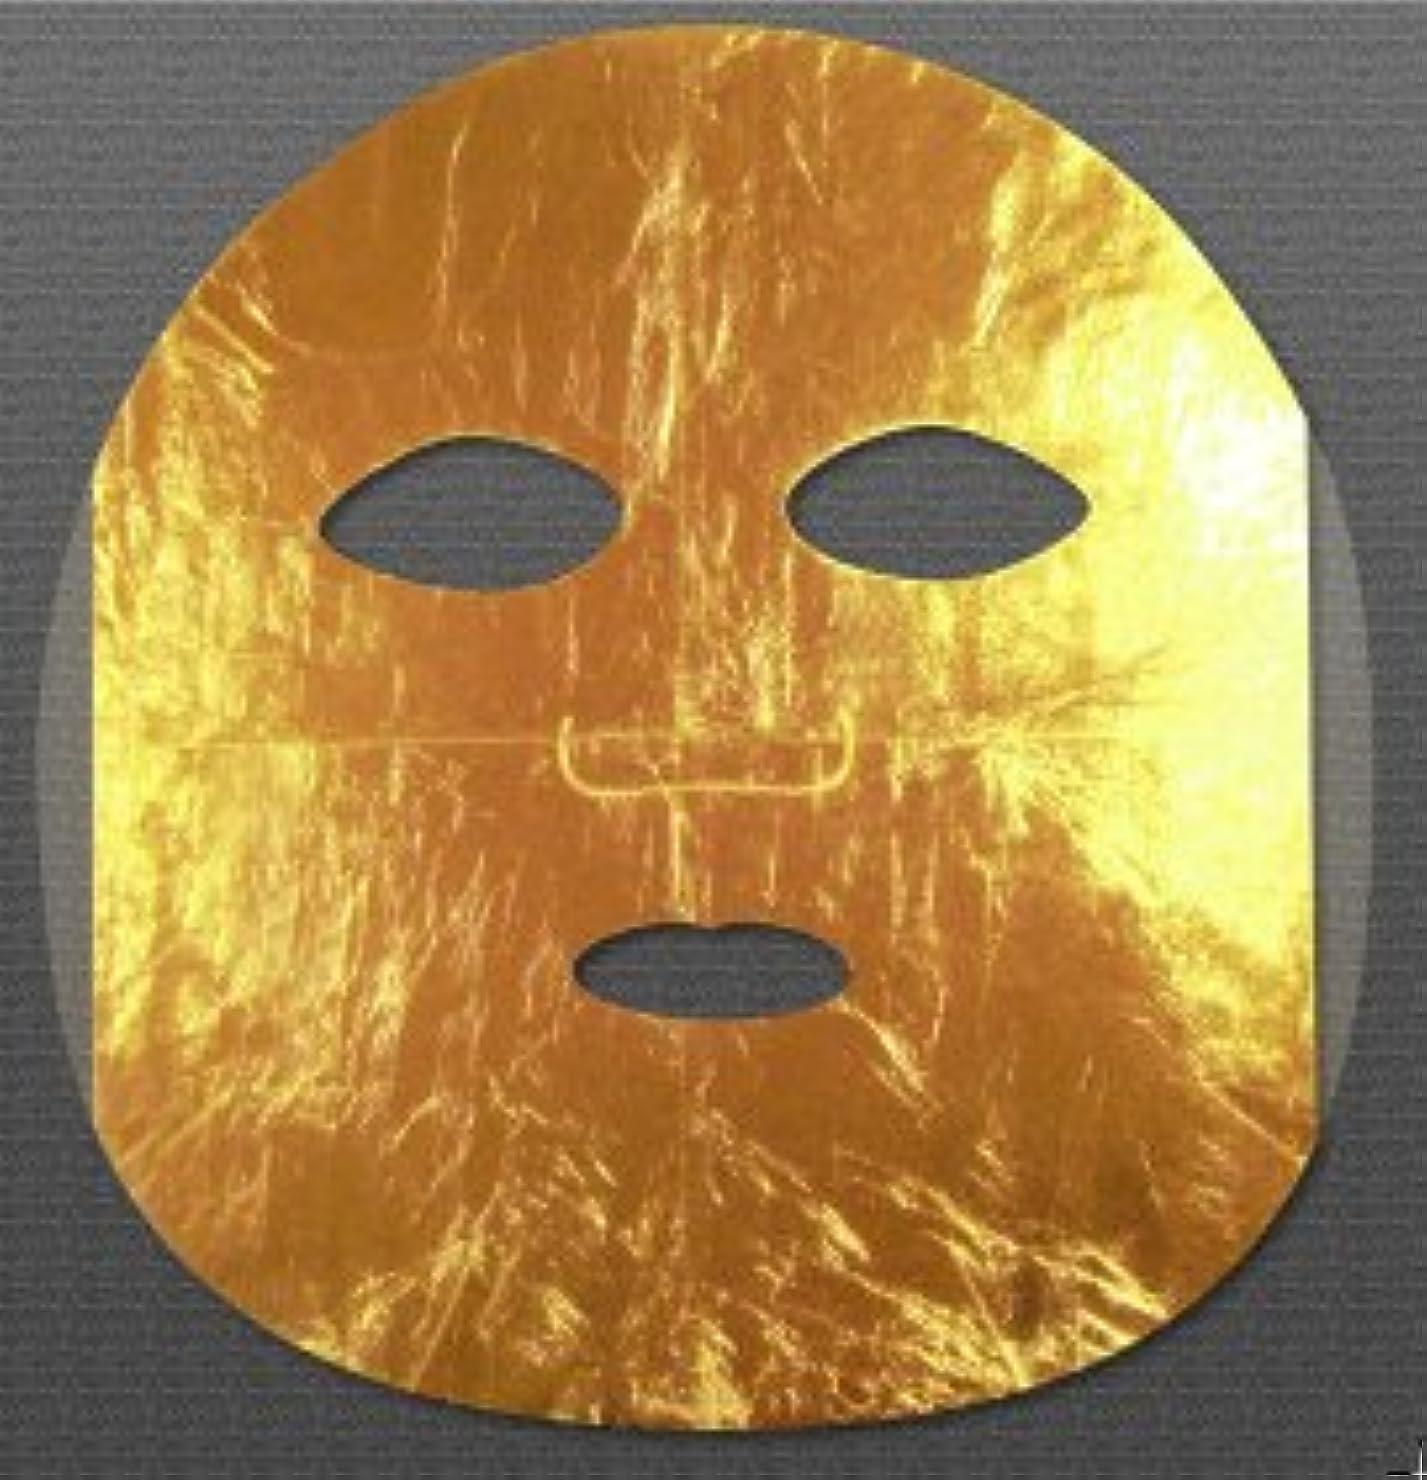 グレードほうき大工【金箔 マスク】黄金の美顔パック ネフェルティ【日本製】